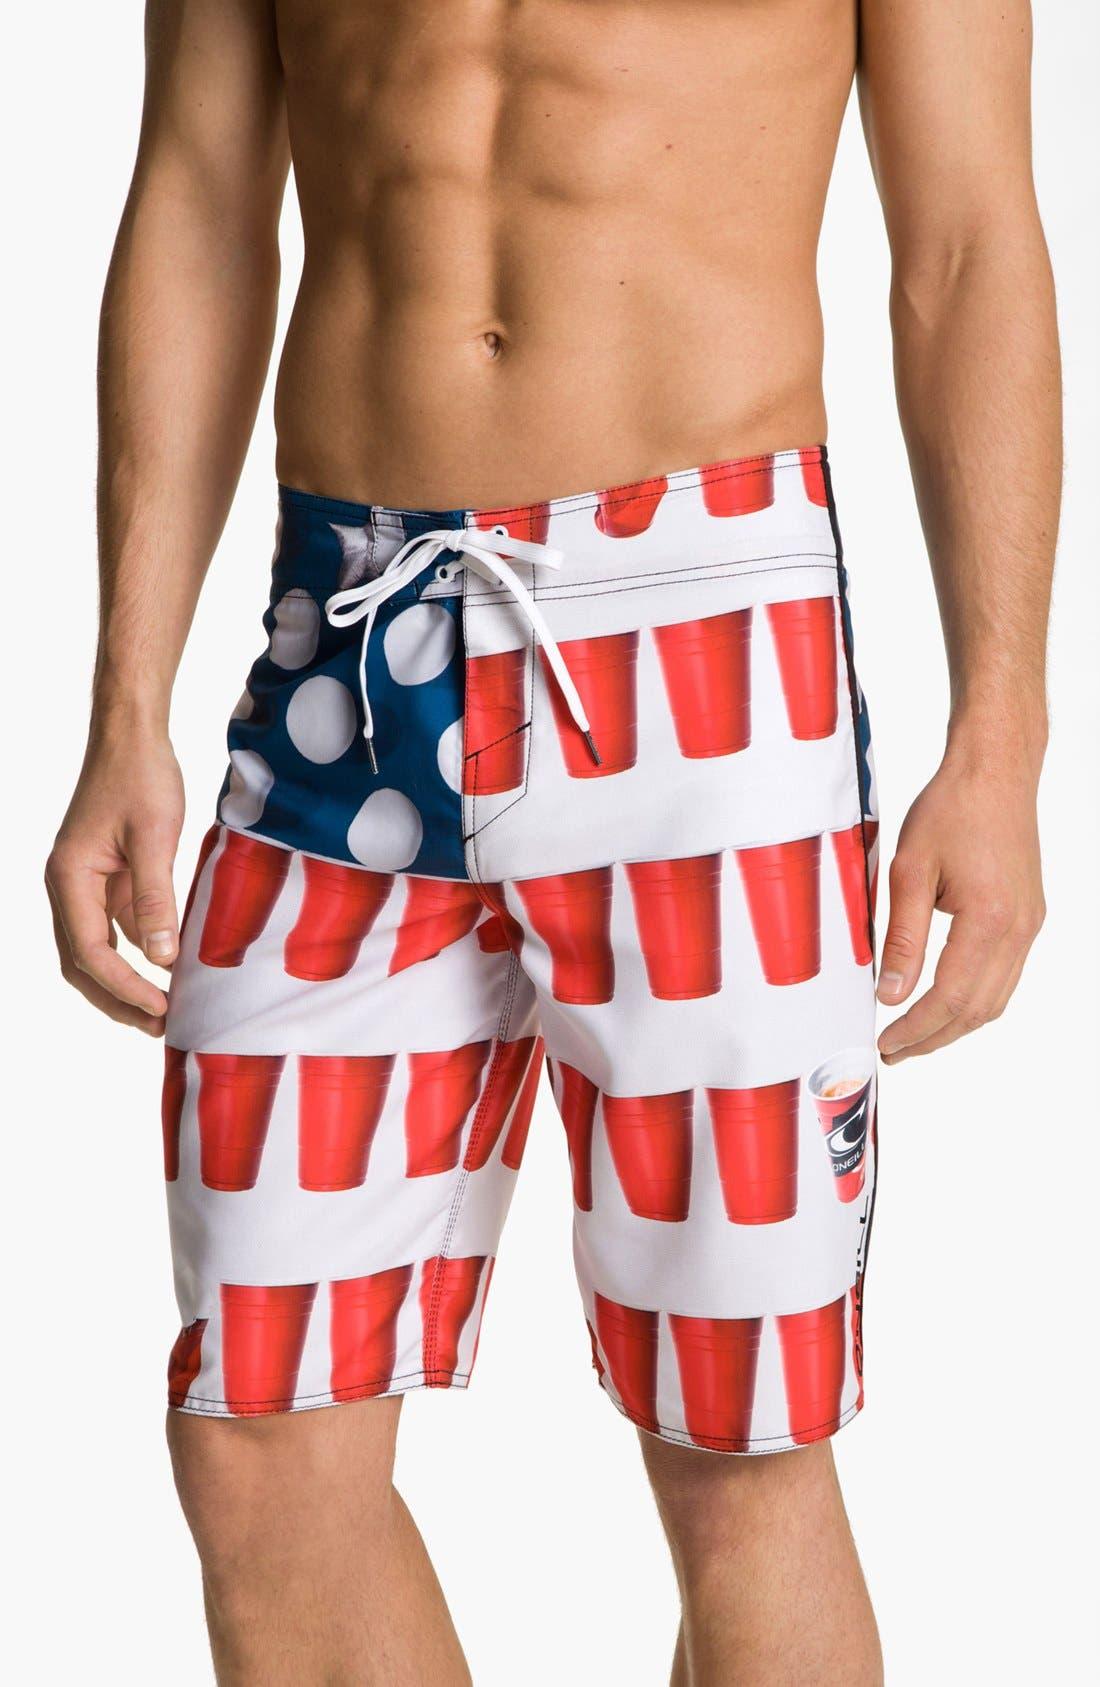 O'NEILL 'Murca' Board Shorts, Main, color, 100